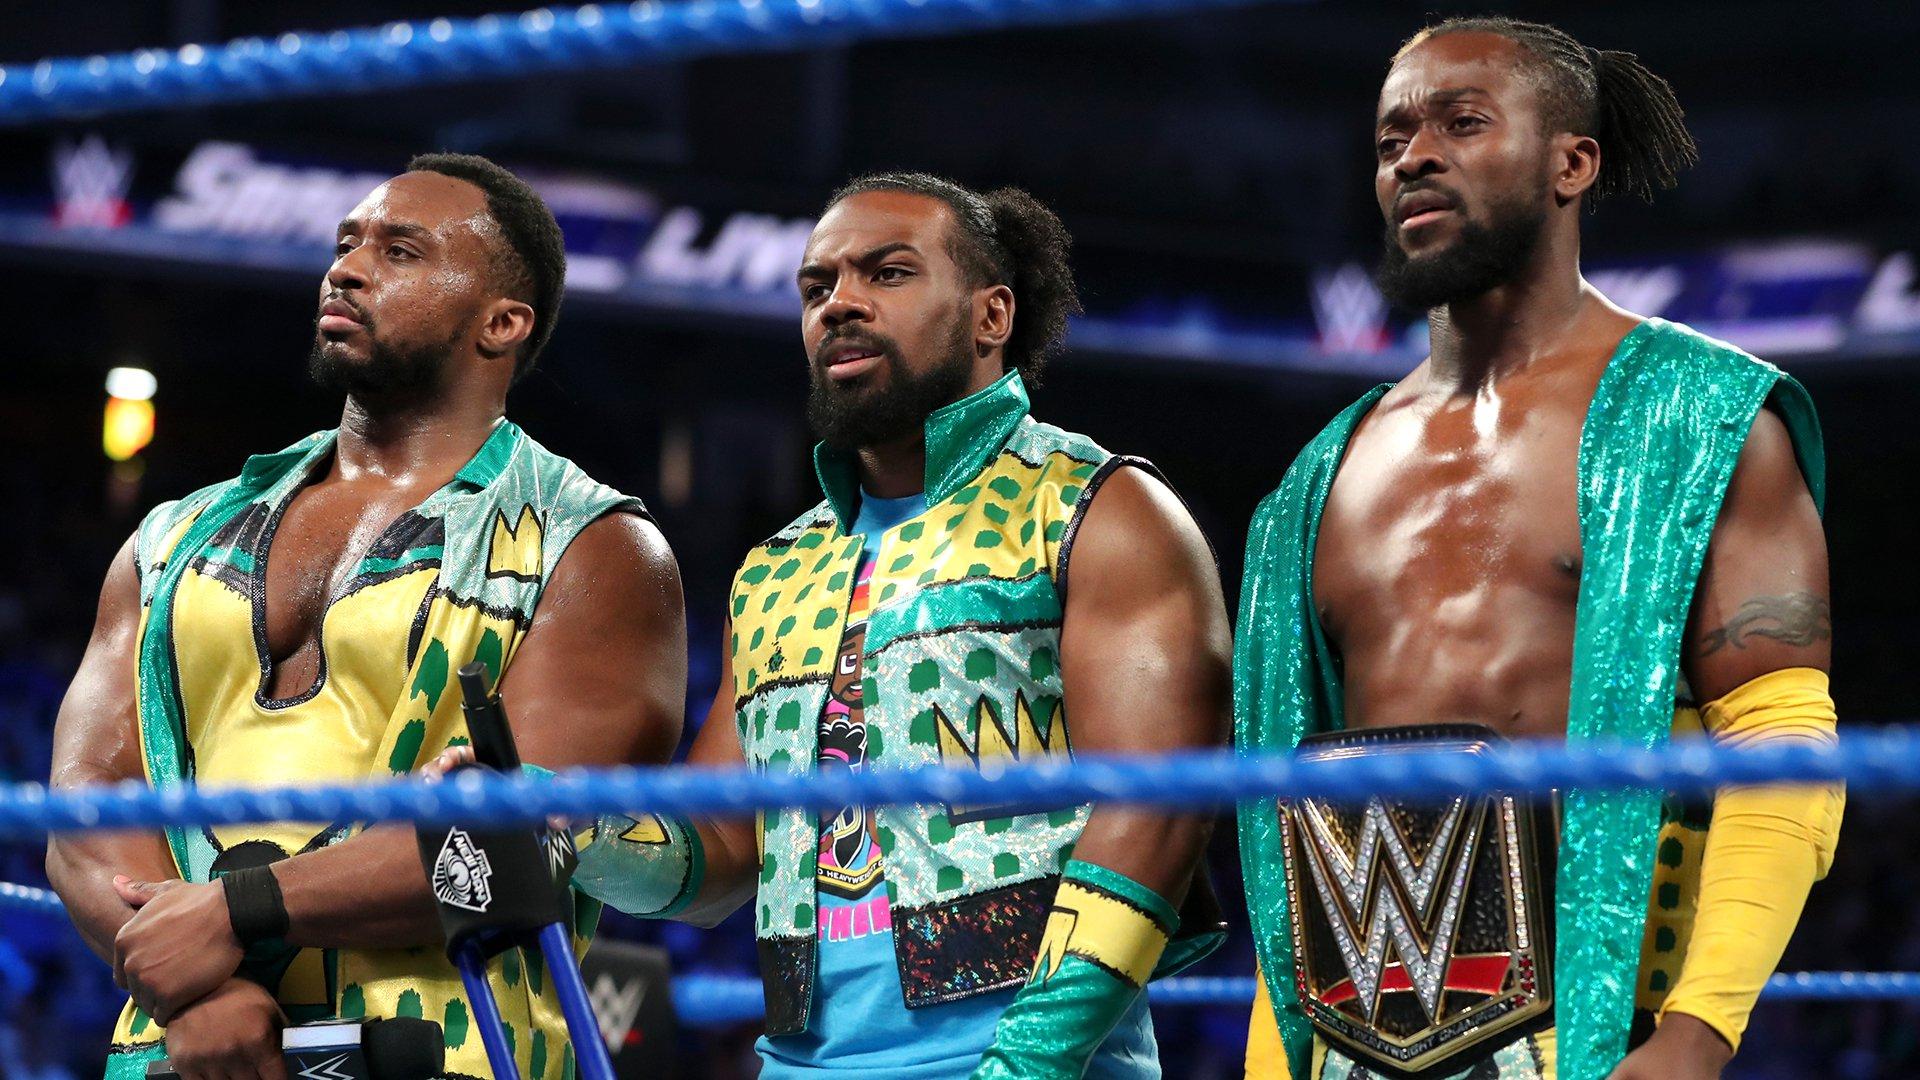 Le retour du New Day est gâché: SmackDown LIVE, 11 Juin 2019